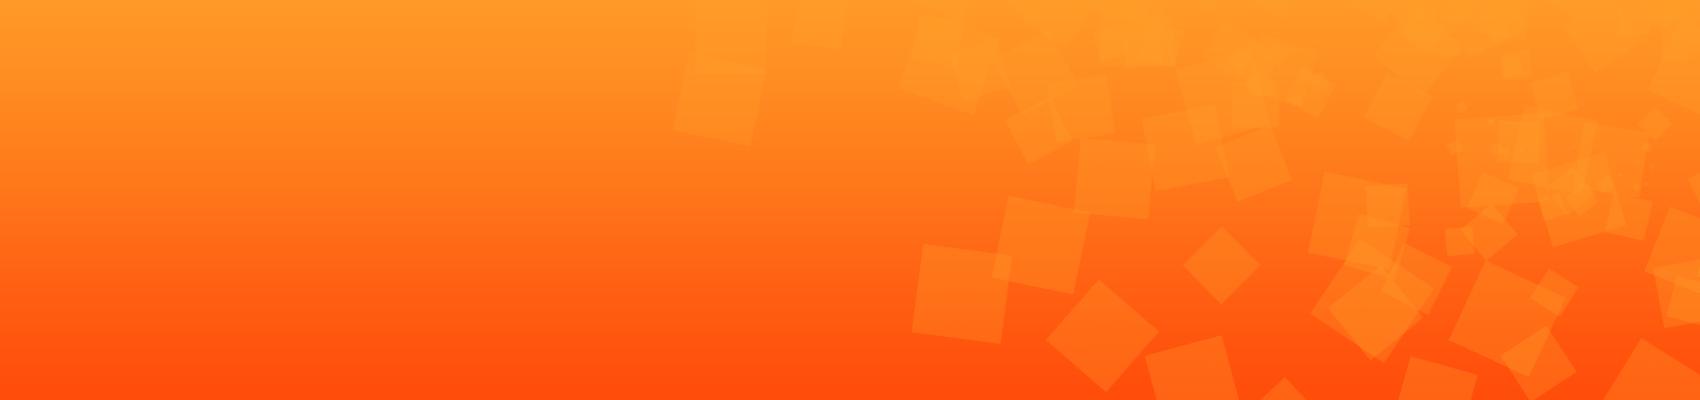 NetLicensing / MyCommerce Integration Guide